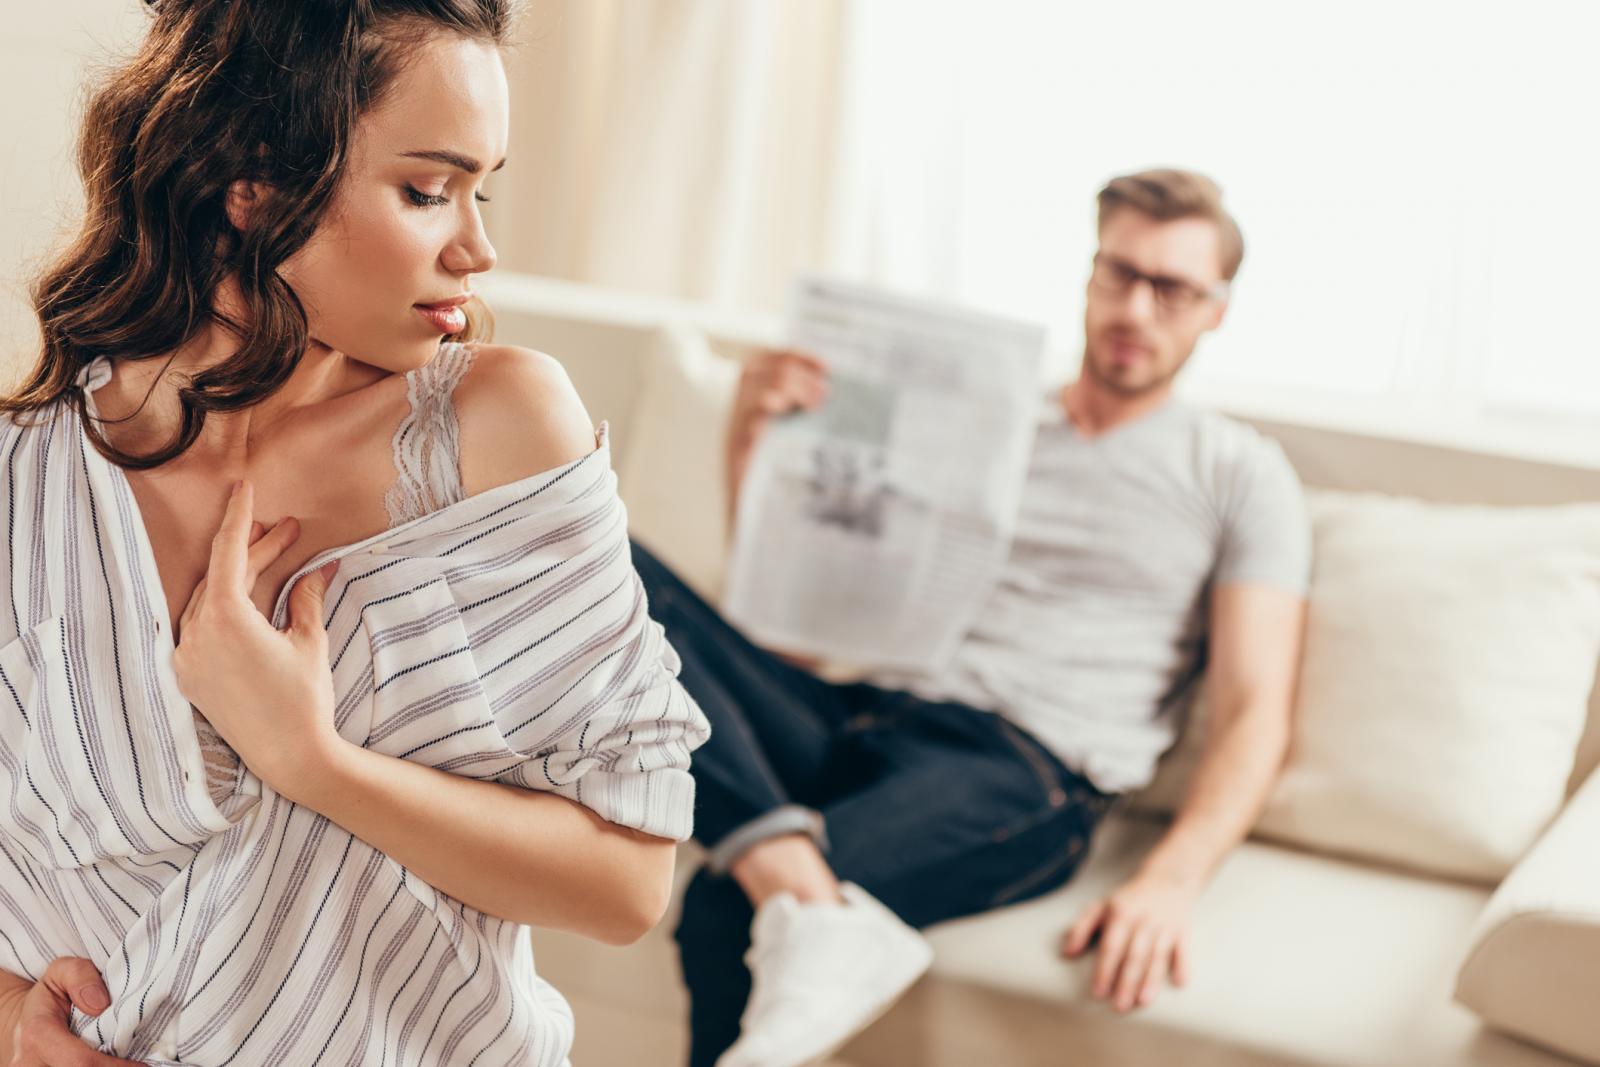 Nije rijetkost da partneri očekuju rješenja negdje izvana, neko čudo koje briše sva dosadašnja iskustva i postavlja situaciju sasvim iz početka.